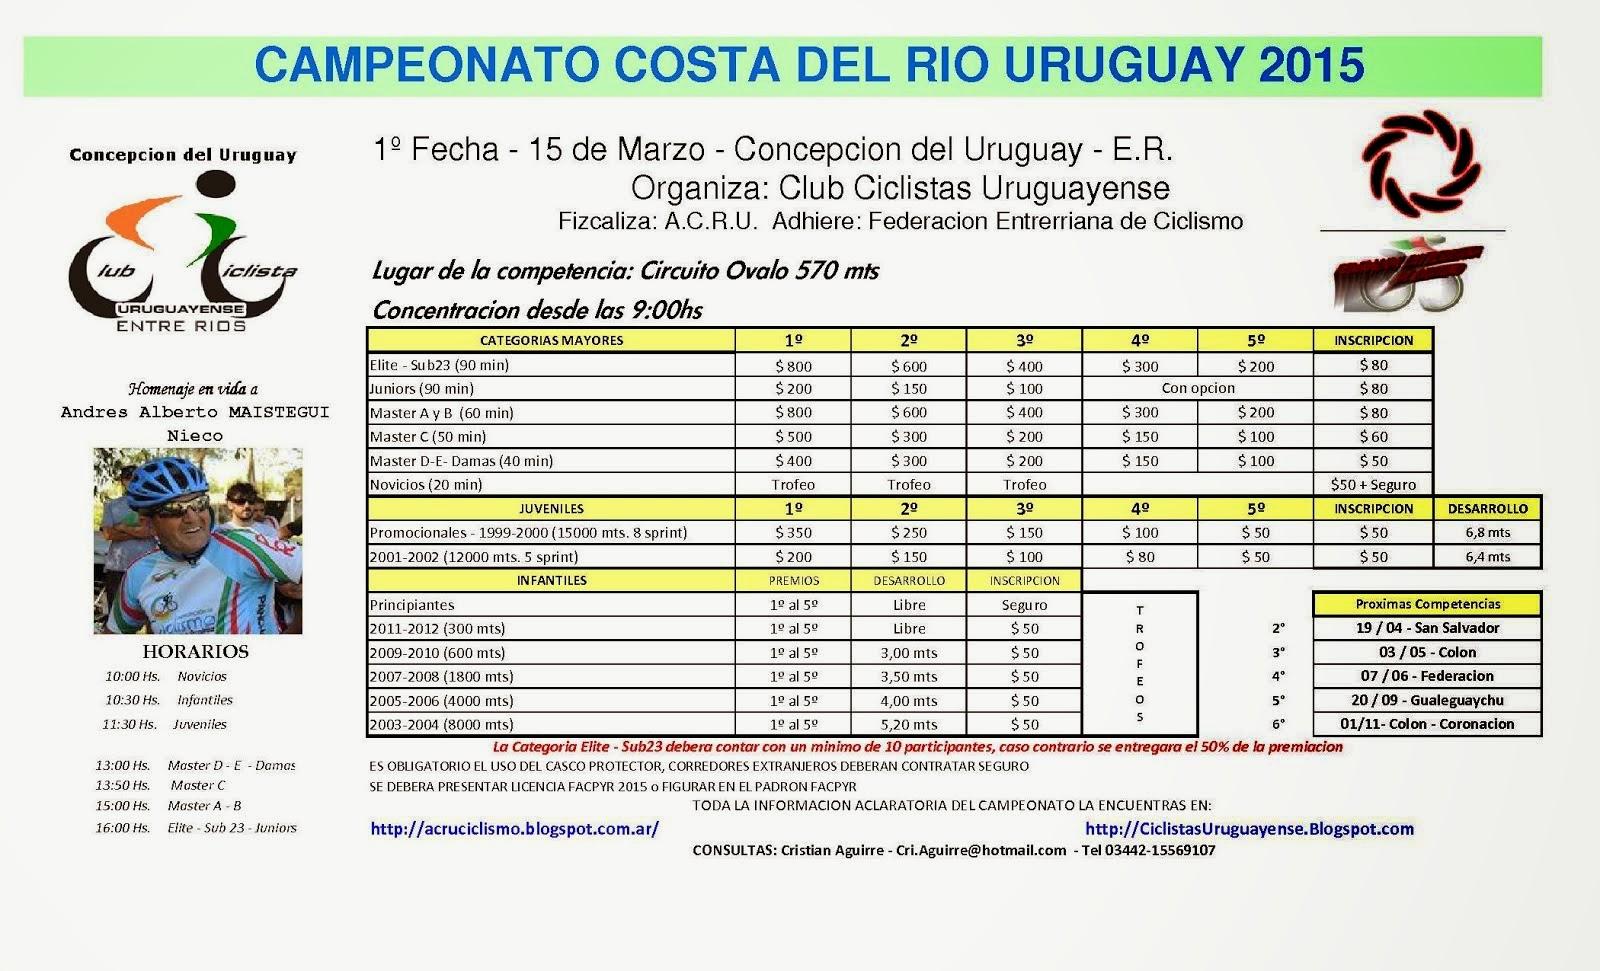 1º Fecha Costa 2015